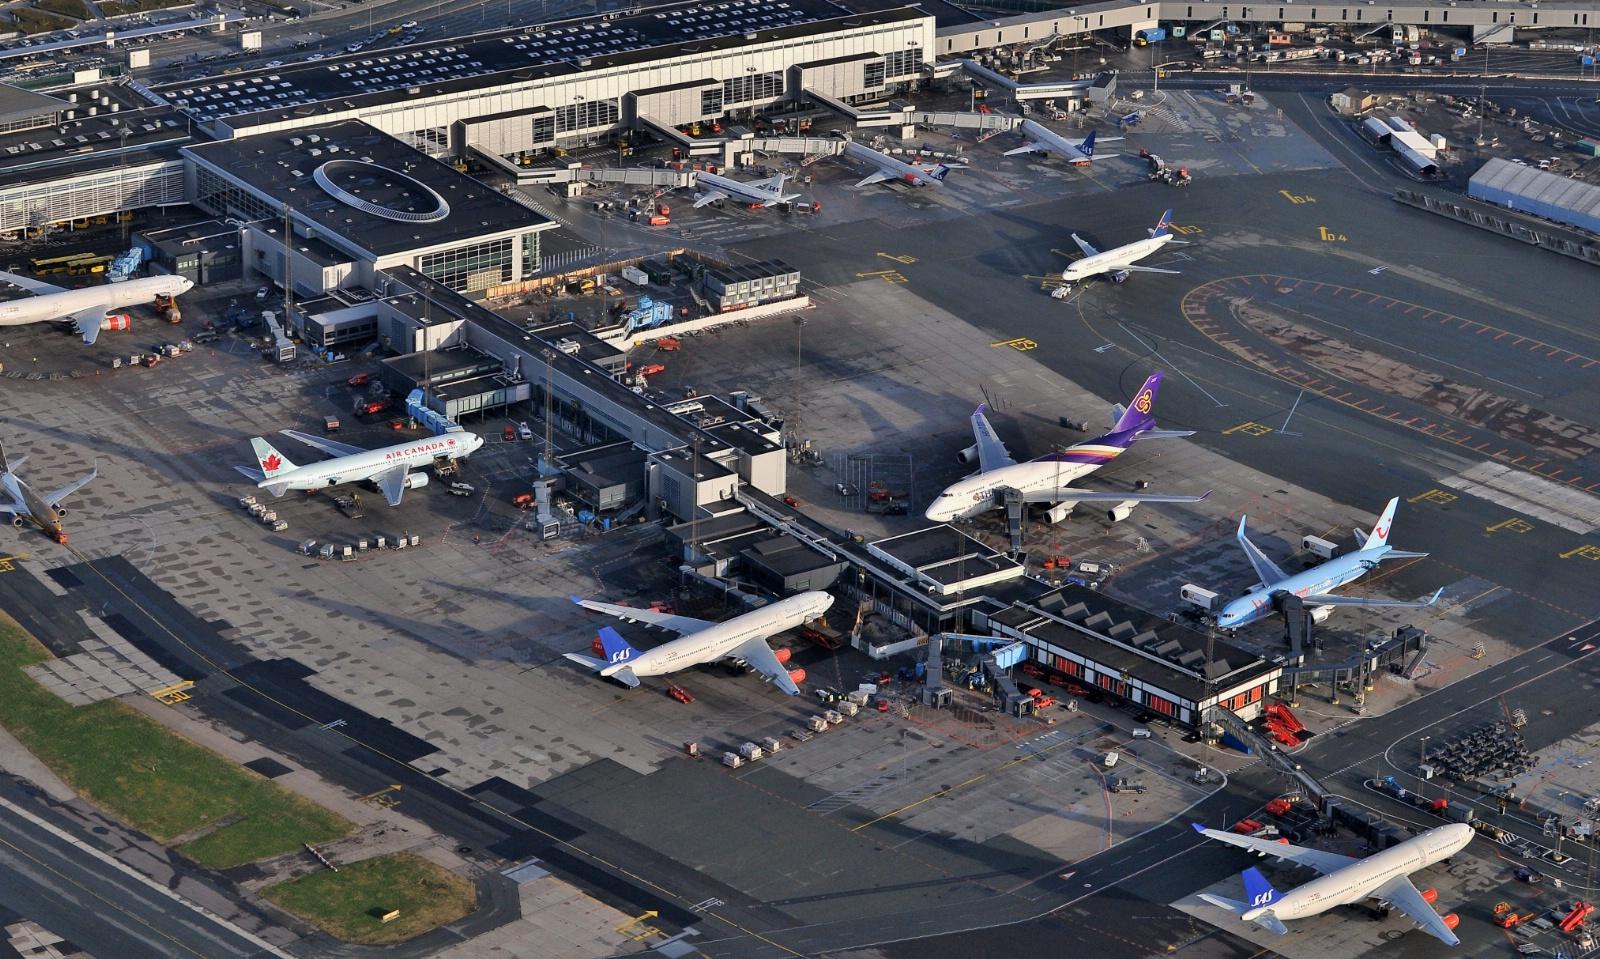 Finger C i Københavns Lufthavn. (Foto: Dragør Luftfoto)